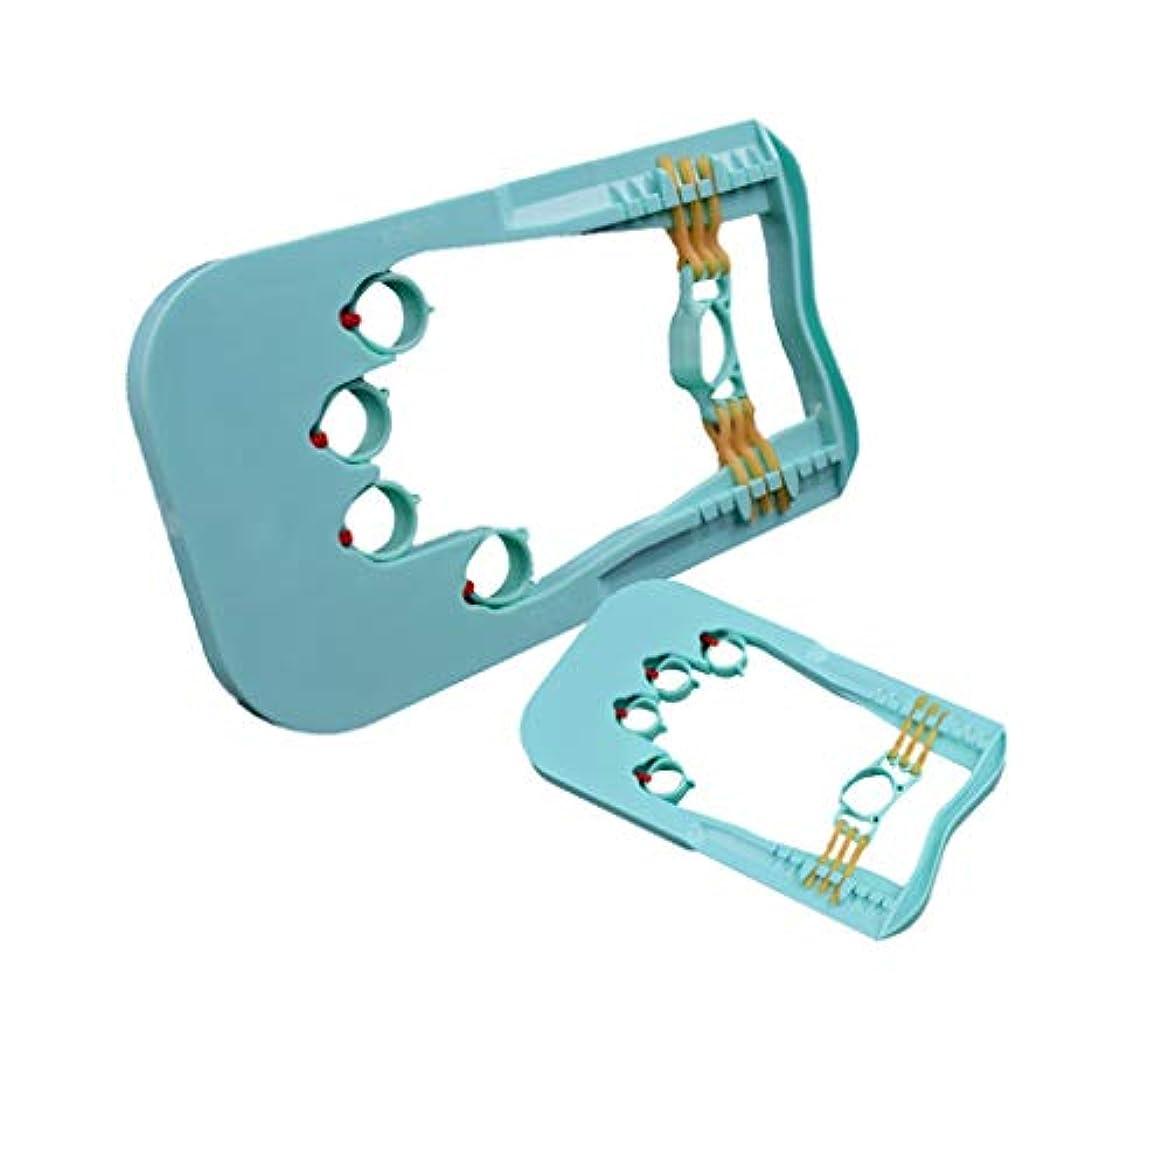 ペルメル困難アクティブ指サポートトレーニングブレースマレットブレーストリガーフィンガー関節炎と靭帯の痛みフィンガーエクステンションスプリント